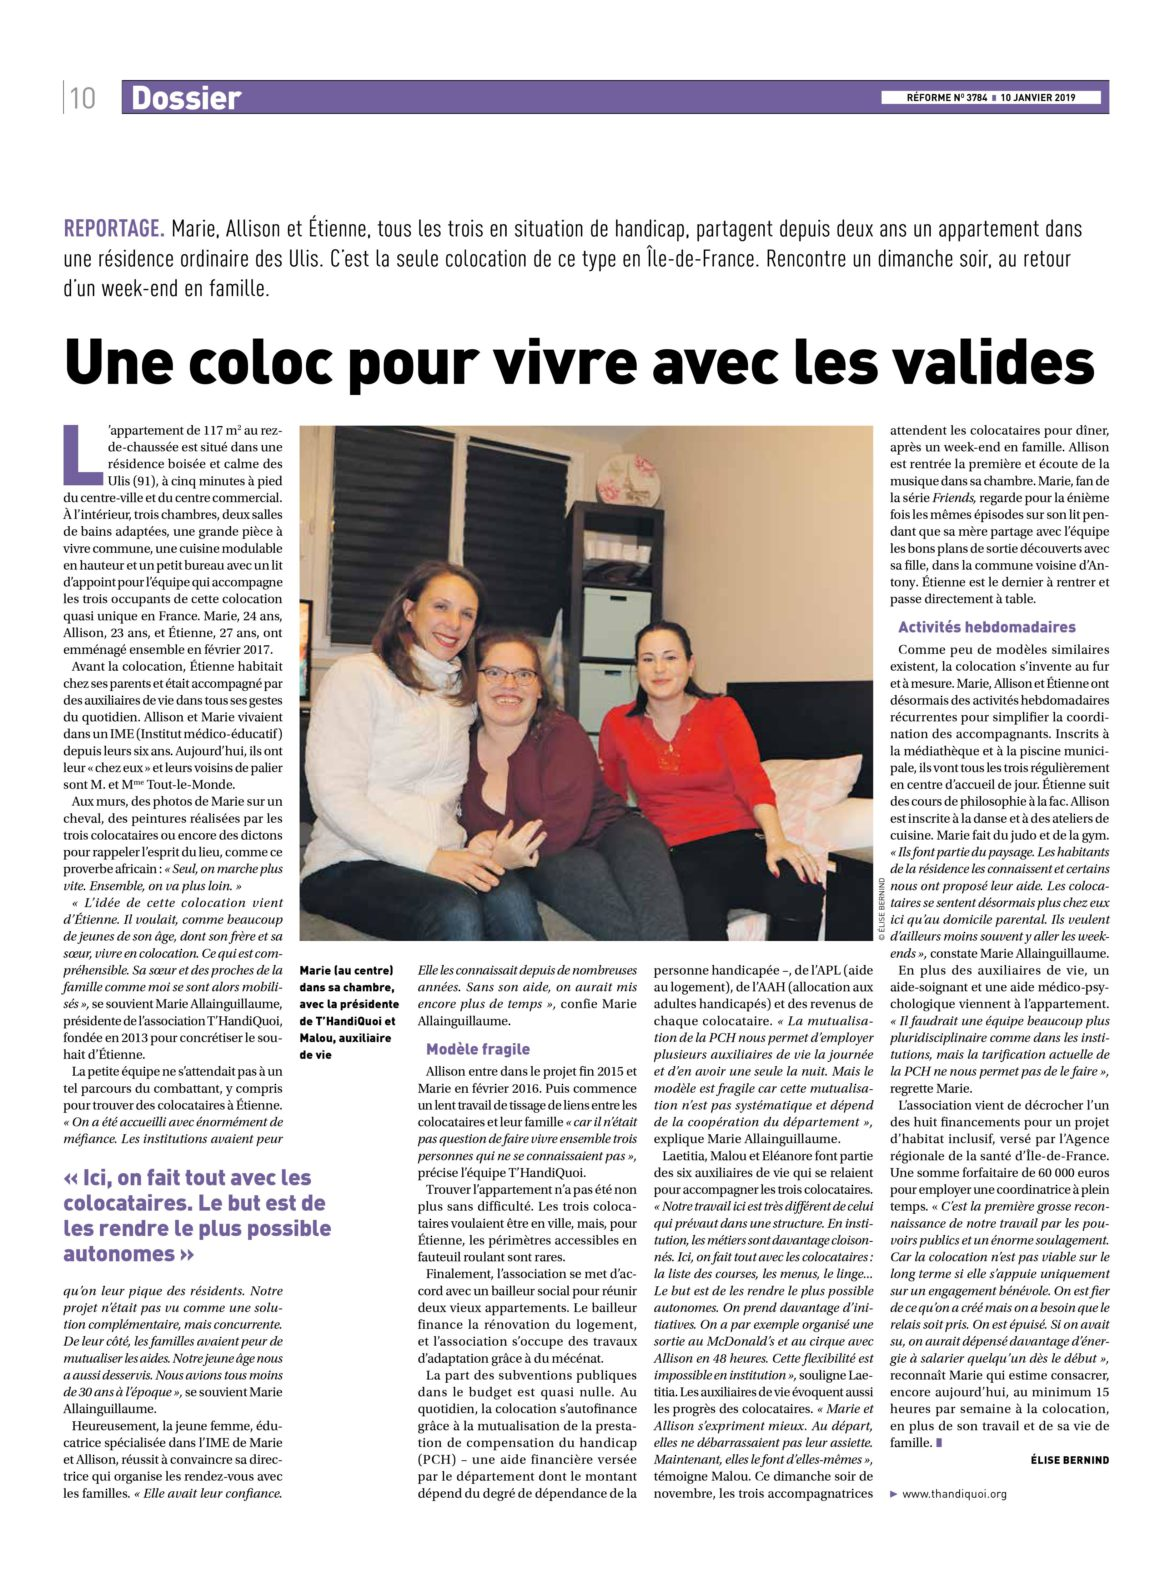 On parle de nous ! (Magazine Réforme, Janvier 2019)